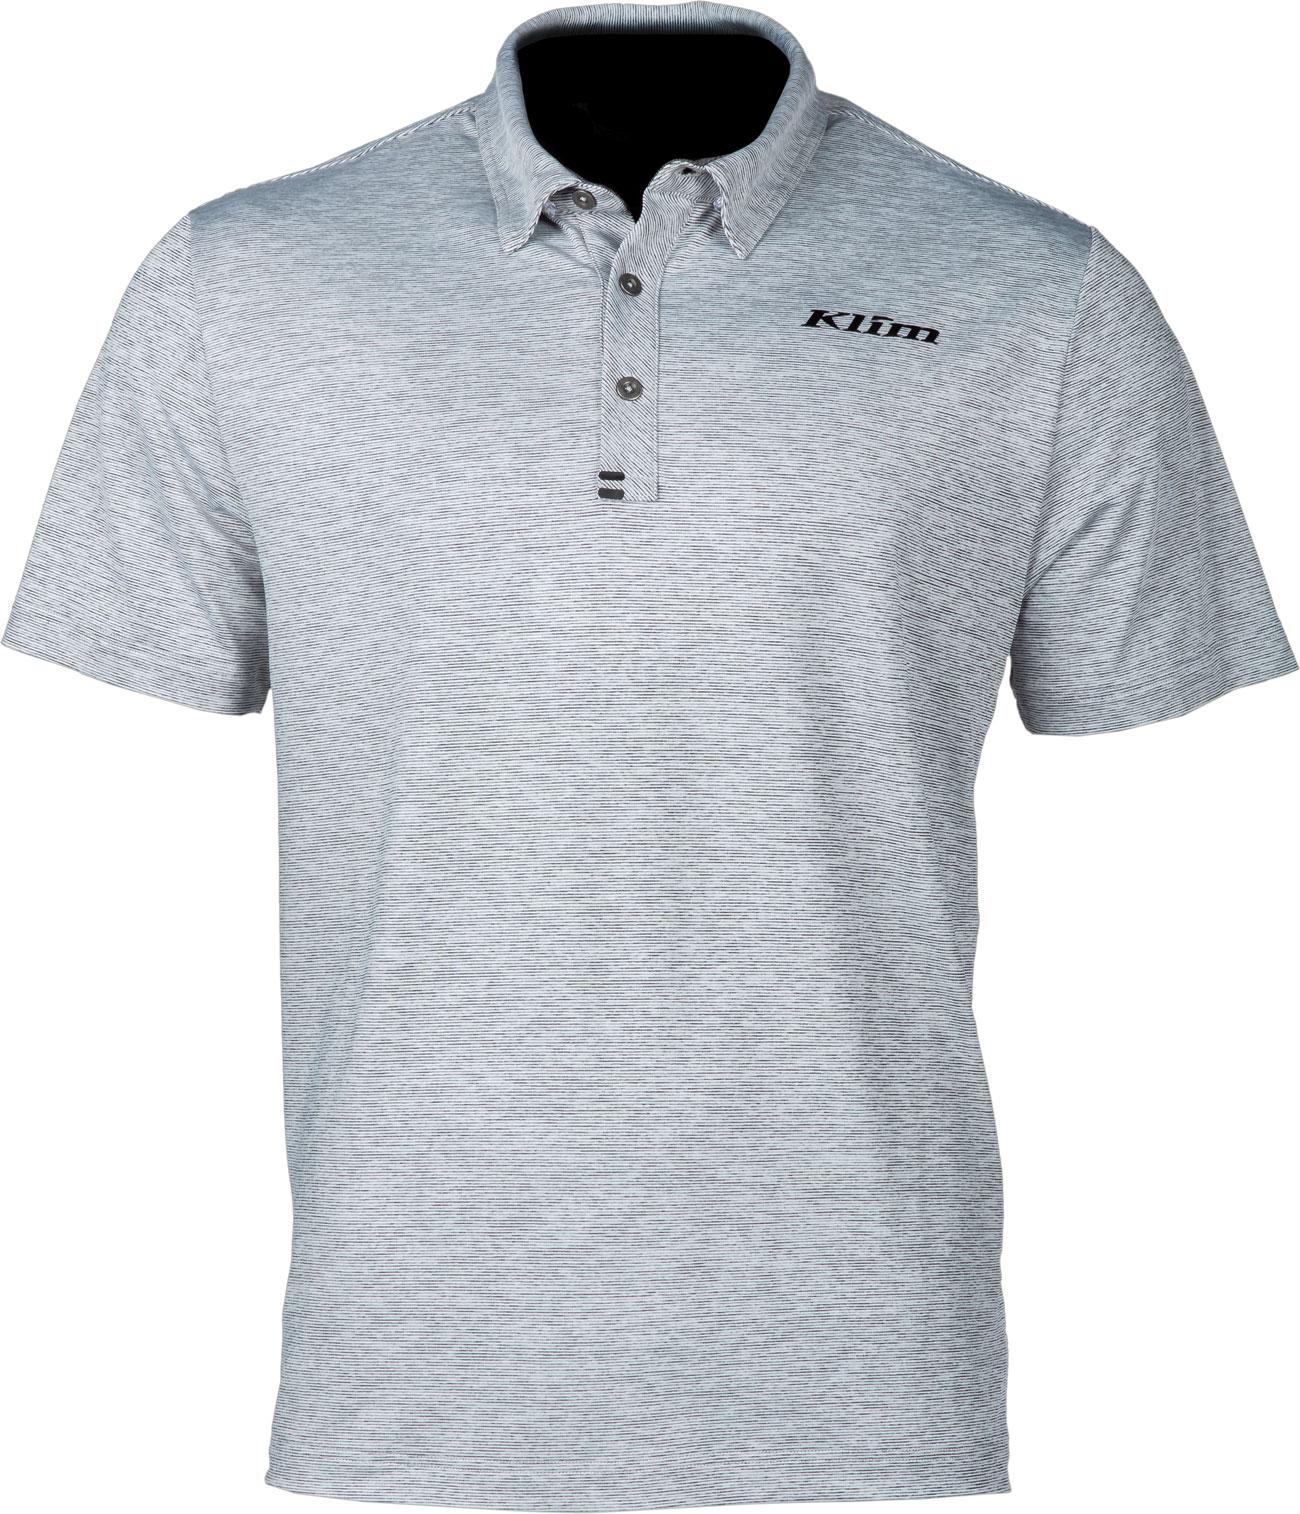 Klim Tactical, Polo-Shirt - Grau - 3XL 3045-000-170-600